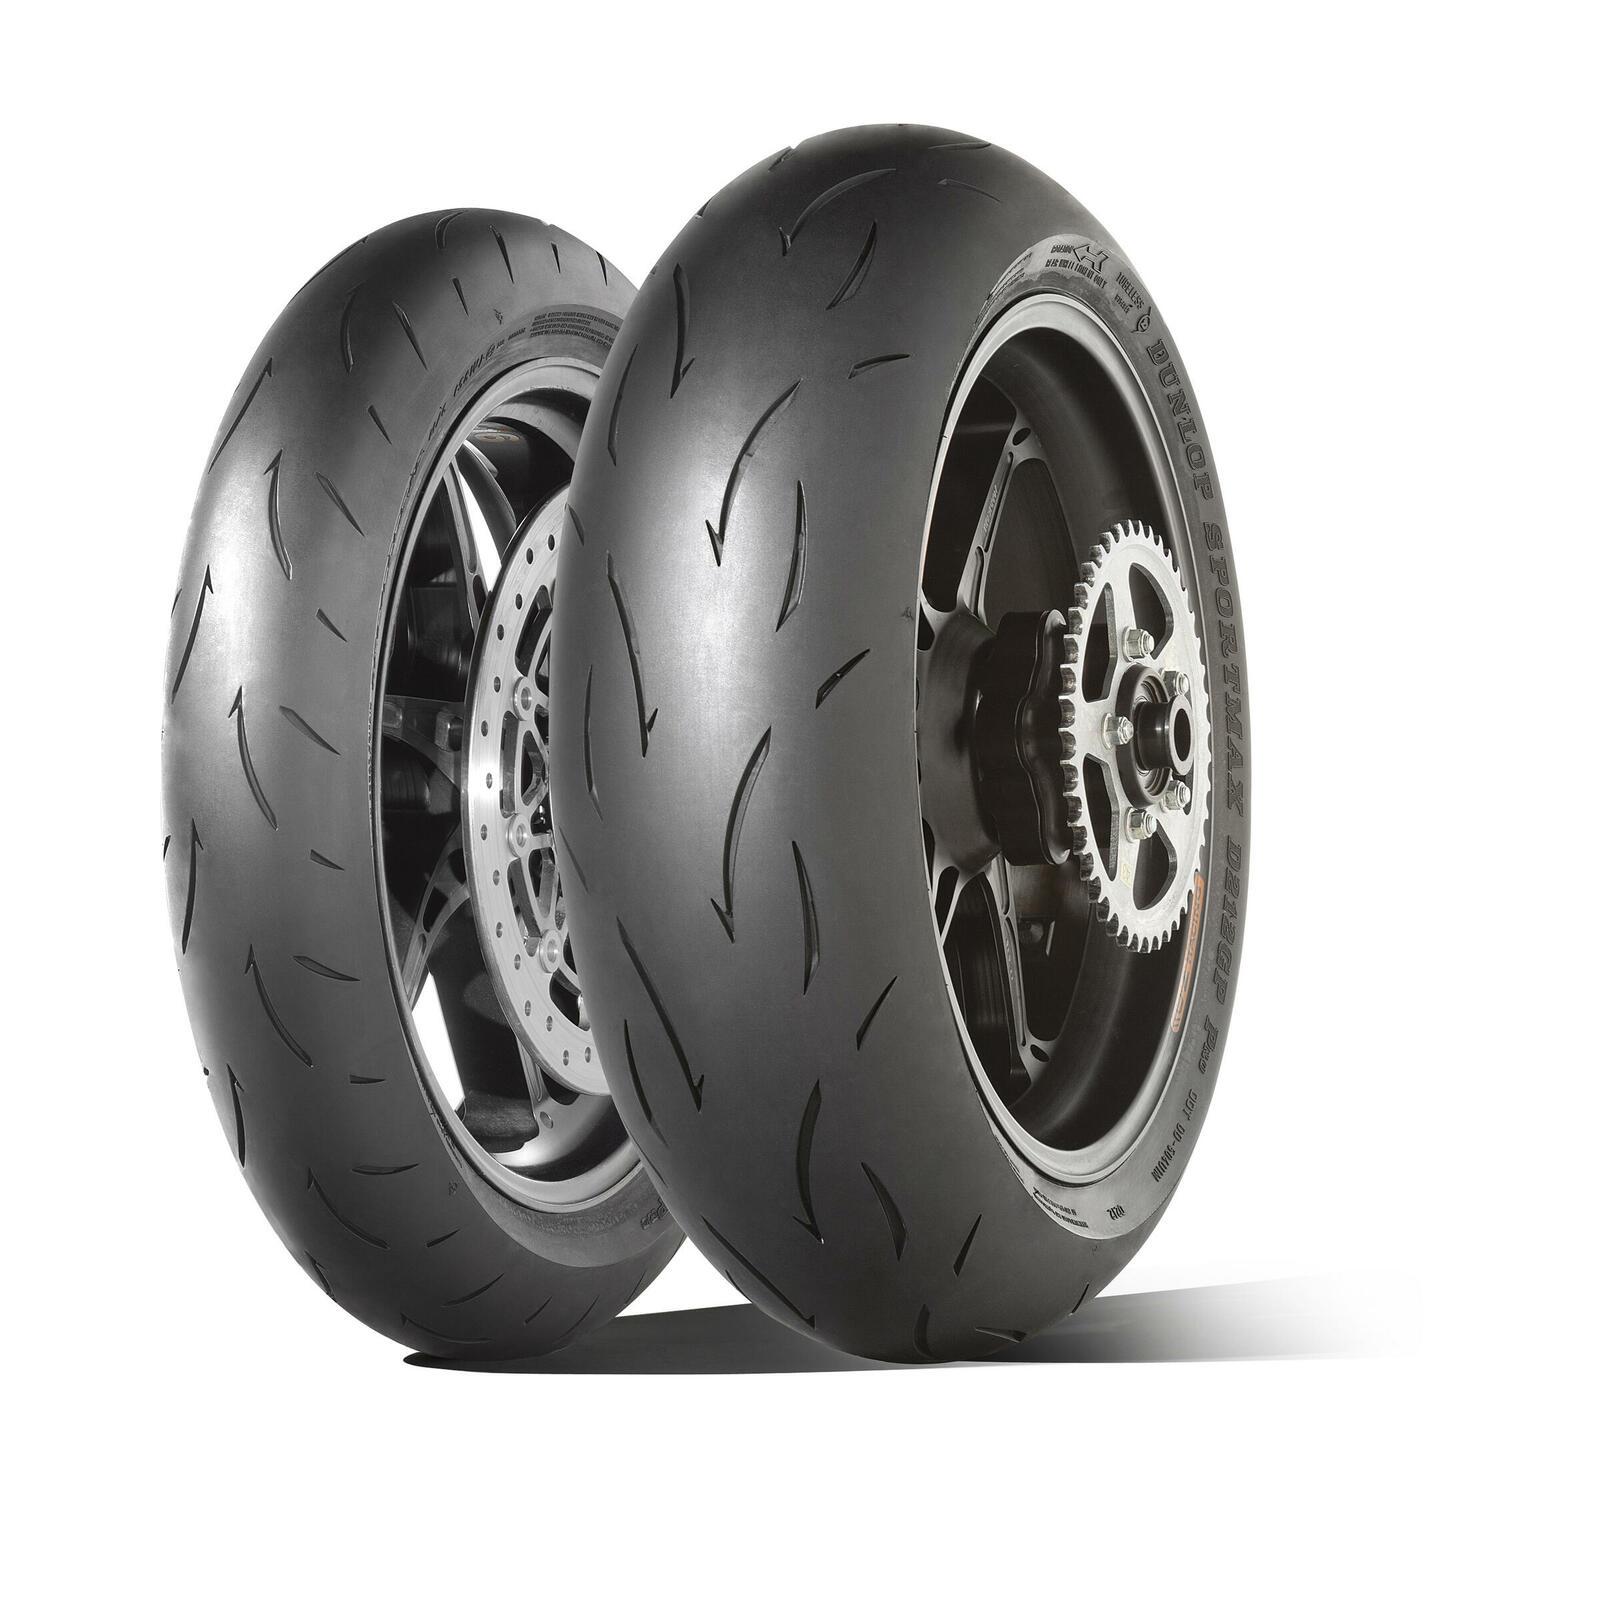 Dunlop präsentiert zwei neue Motorrad-Rennreifen